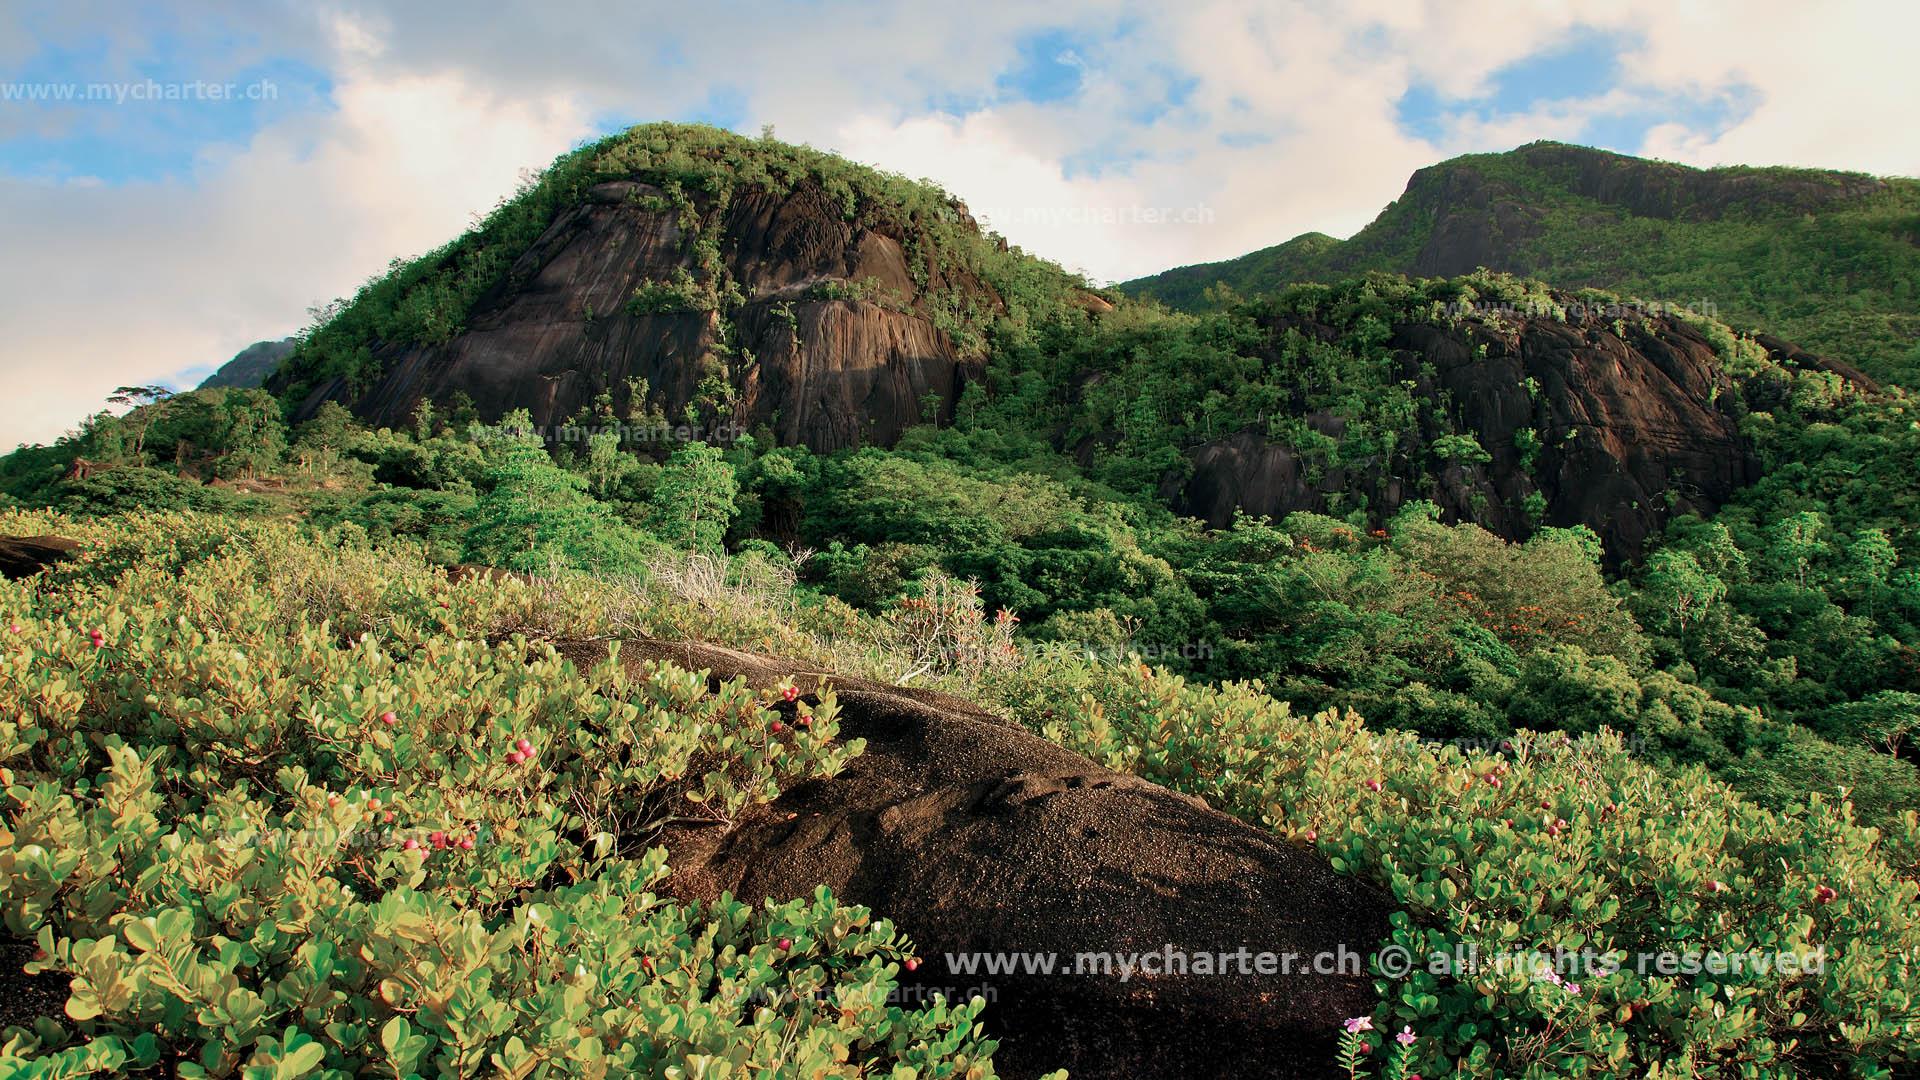 Seychellen - Anse Major